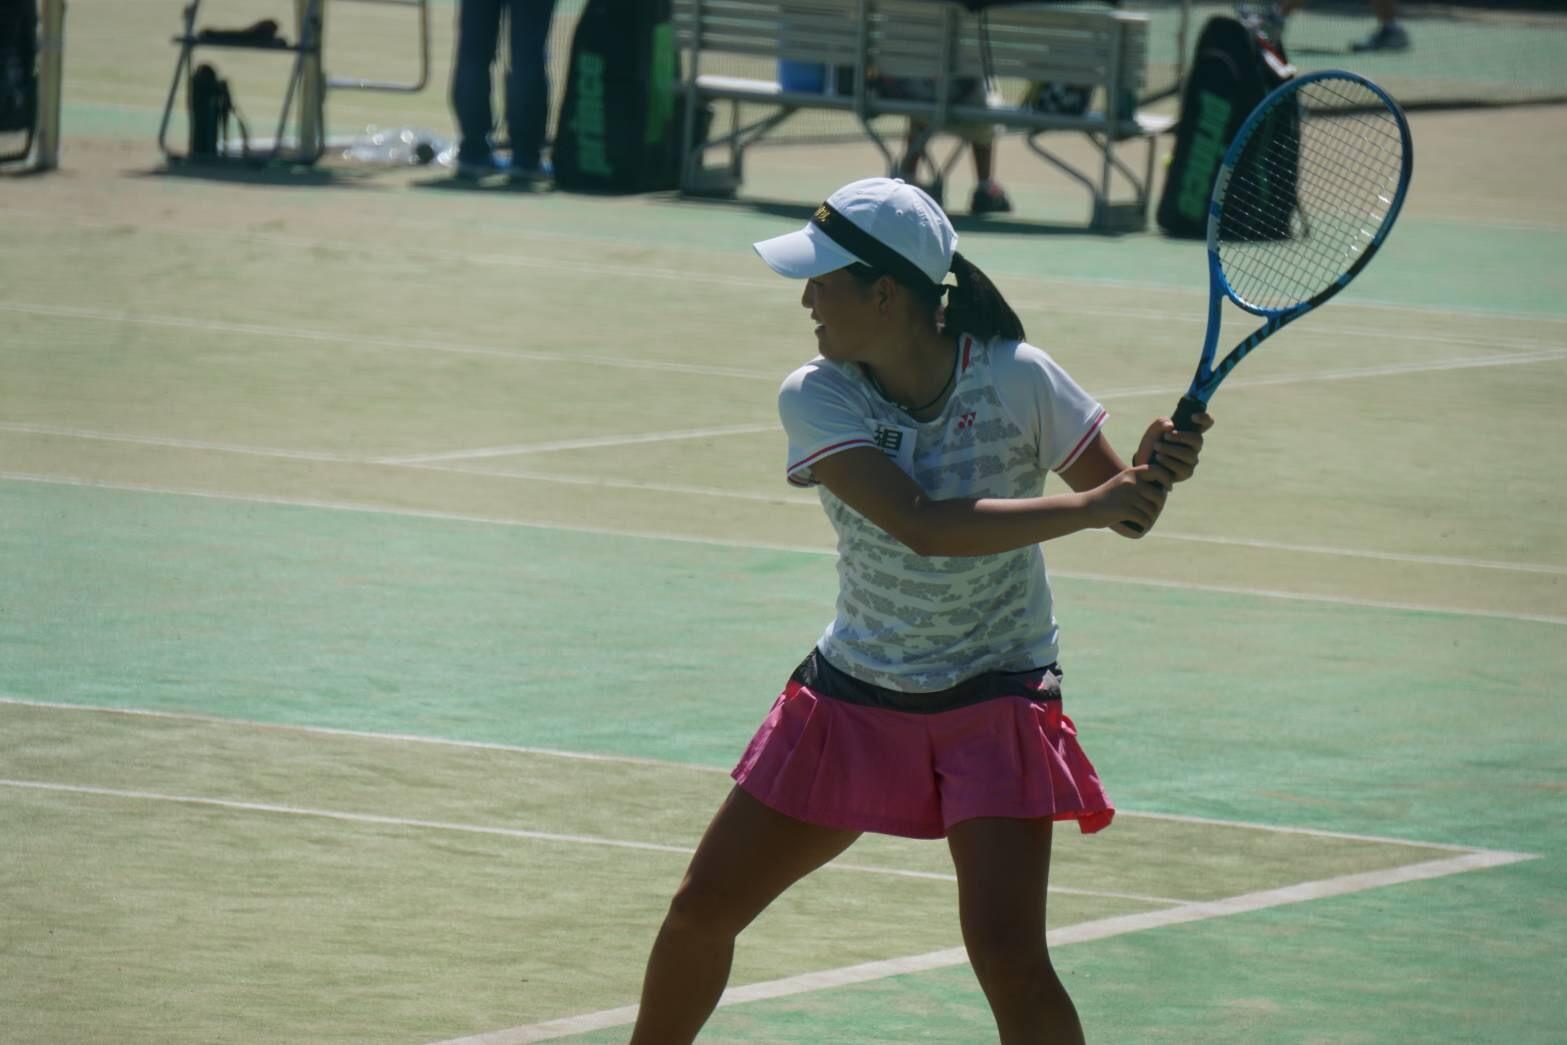 甲子園だけではない 春夏の全国大会を失ったジュニアたちの声 テニスの未来をどう見据える